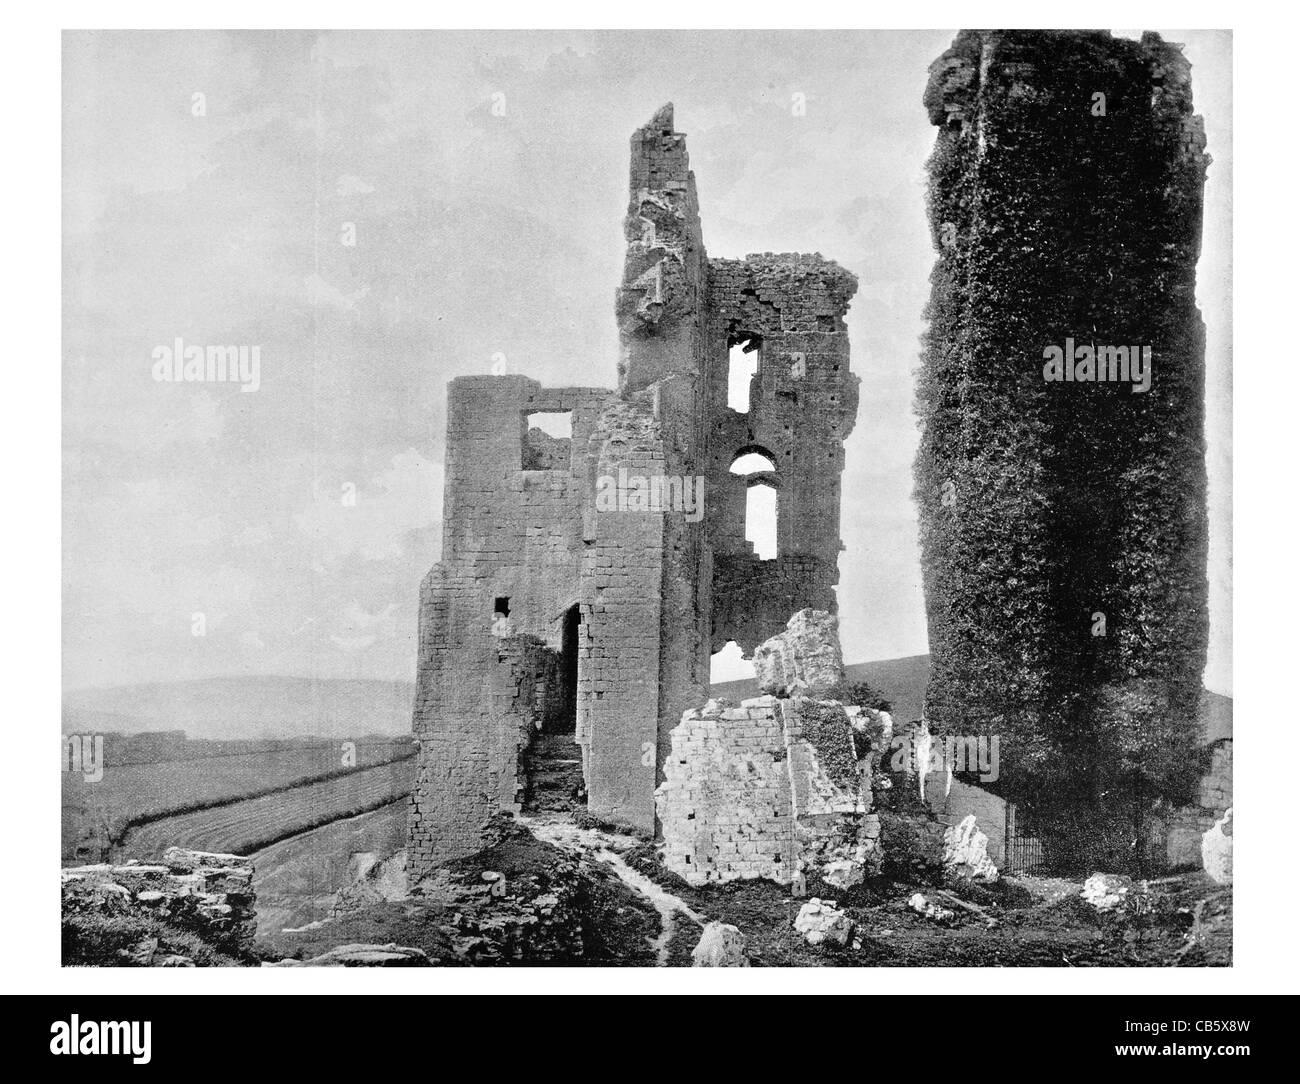 El castillo Corfe Inglés Dorset Purbeck Hills RUINA ruina arruinada Norman Bailey monumento histórico Foto de stock